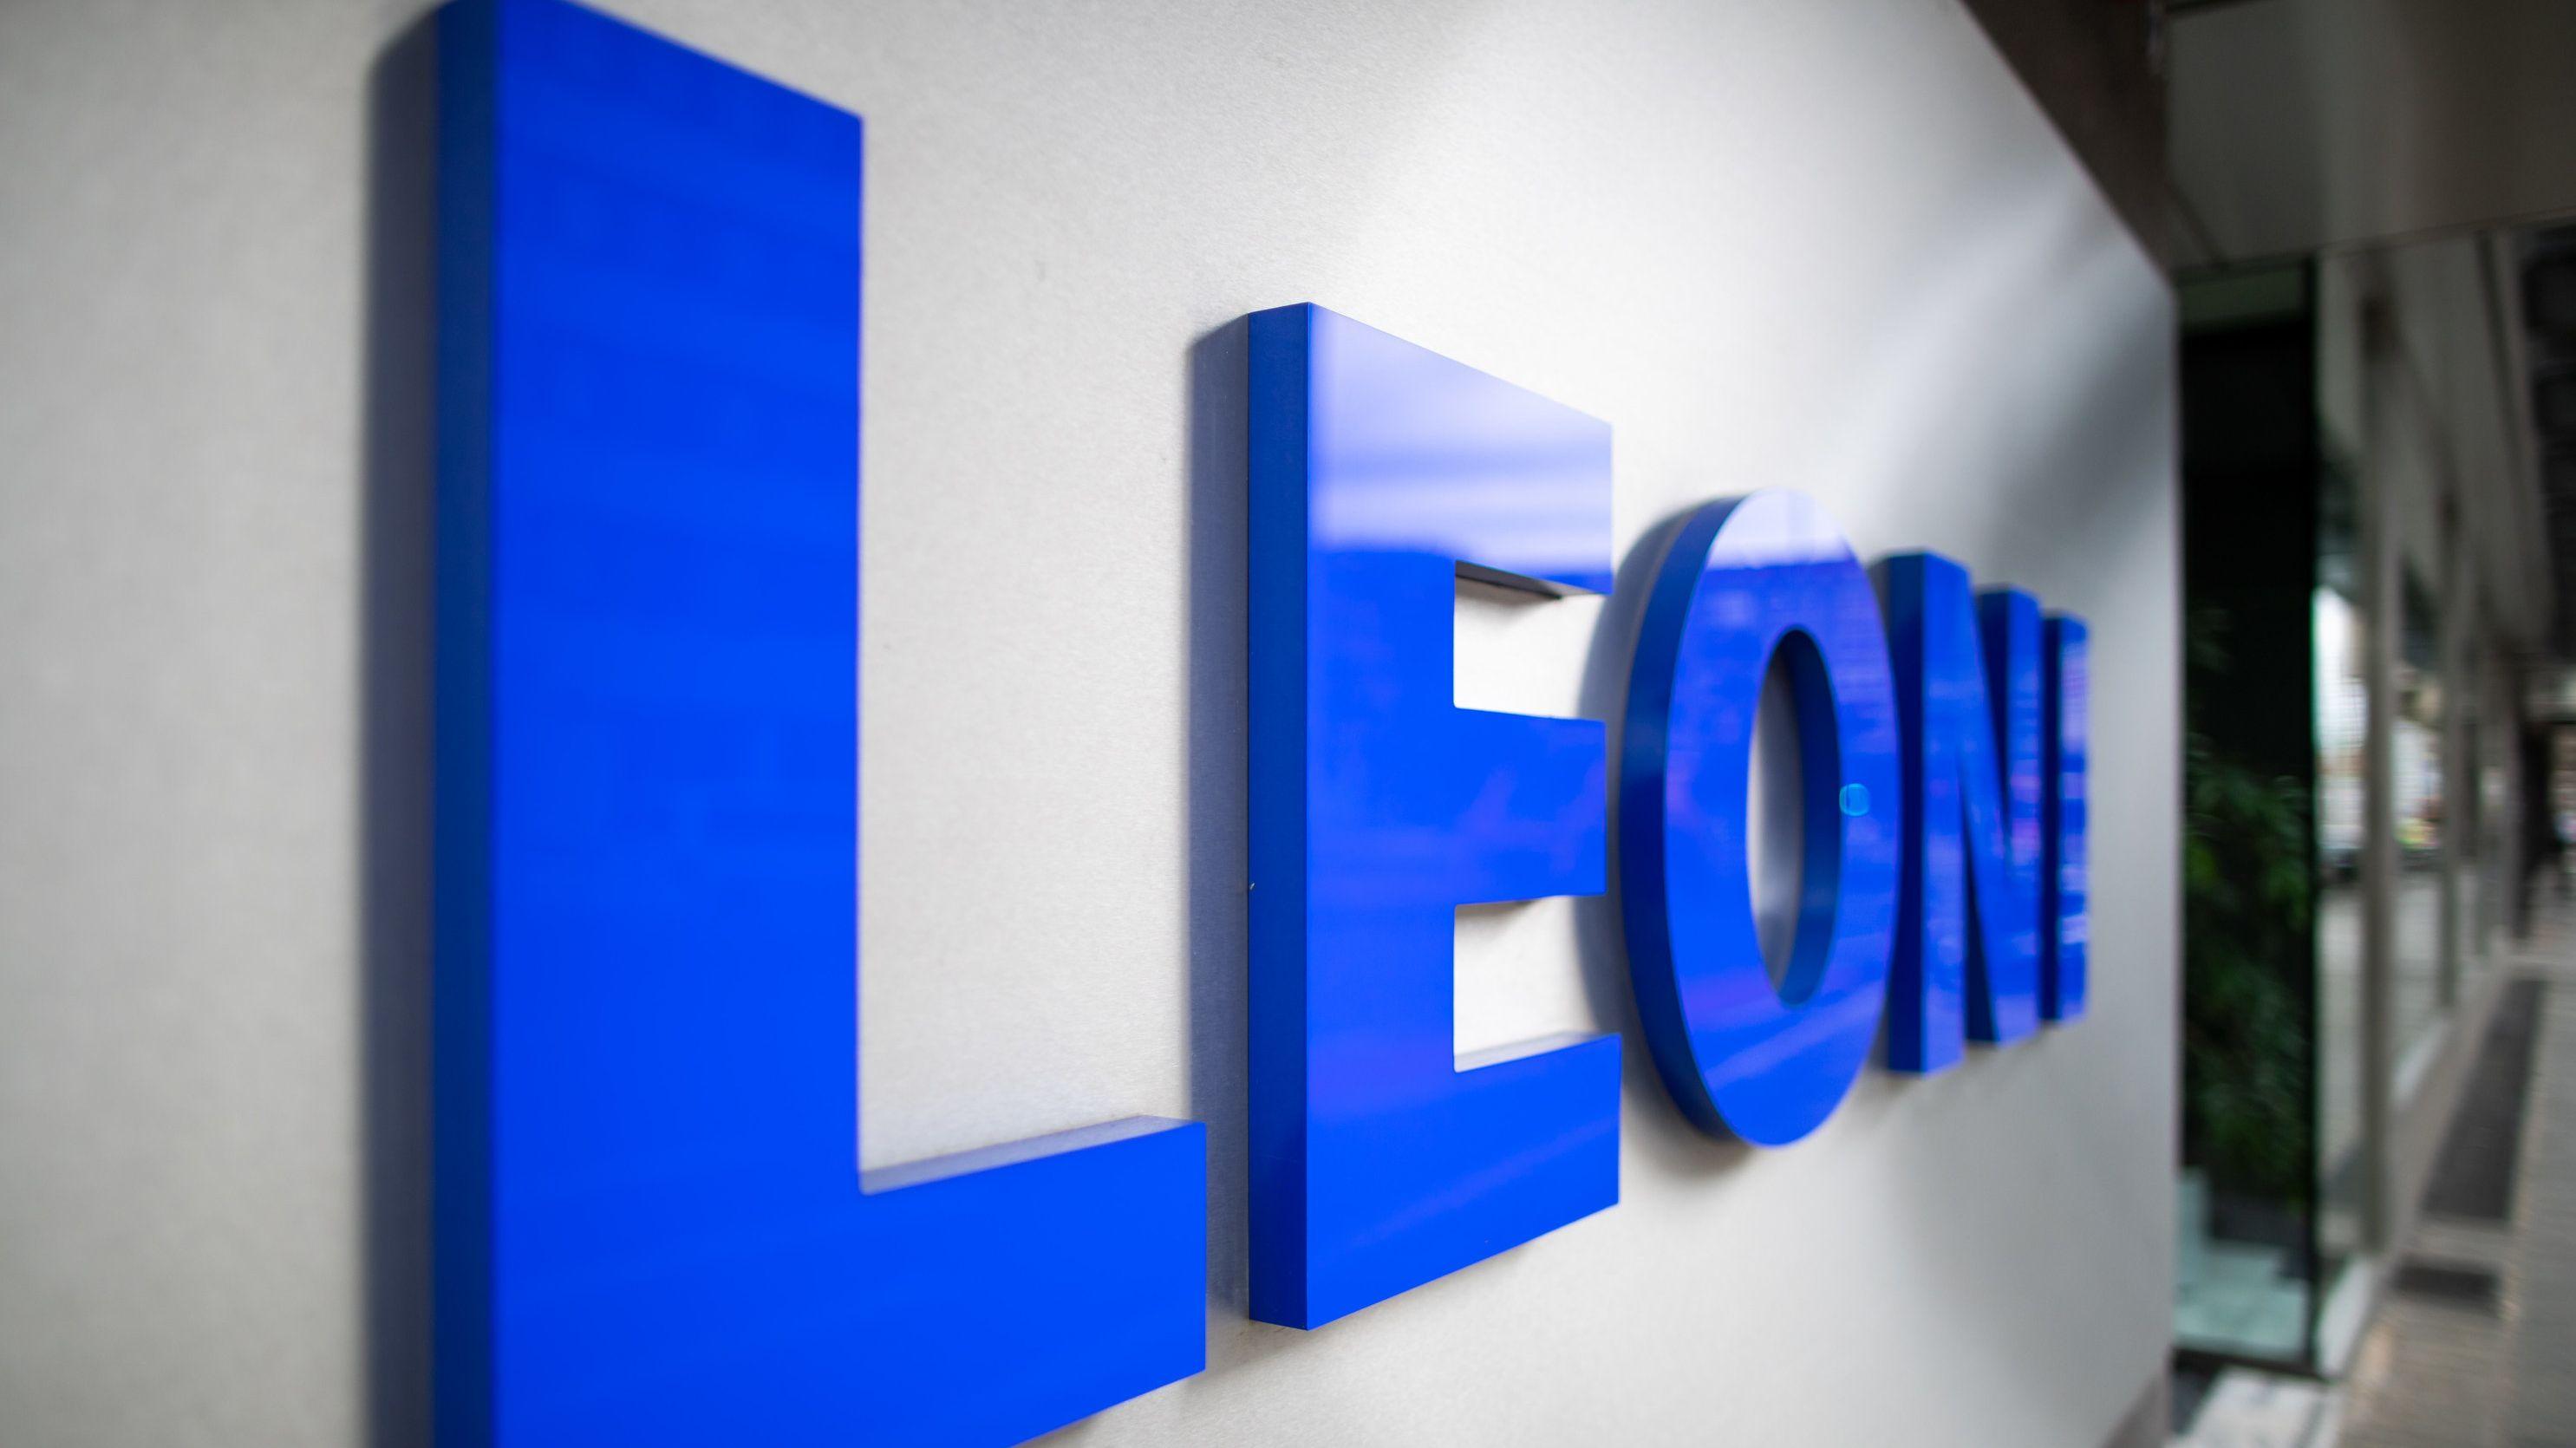 Firmenschild von Leoni